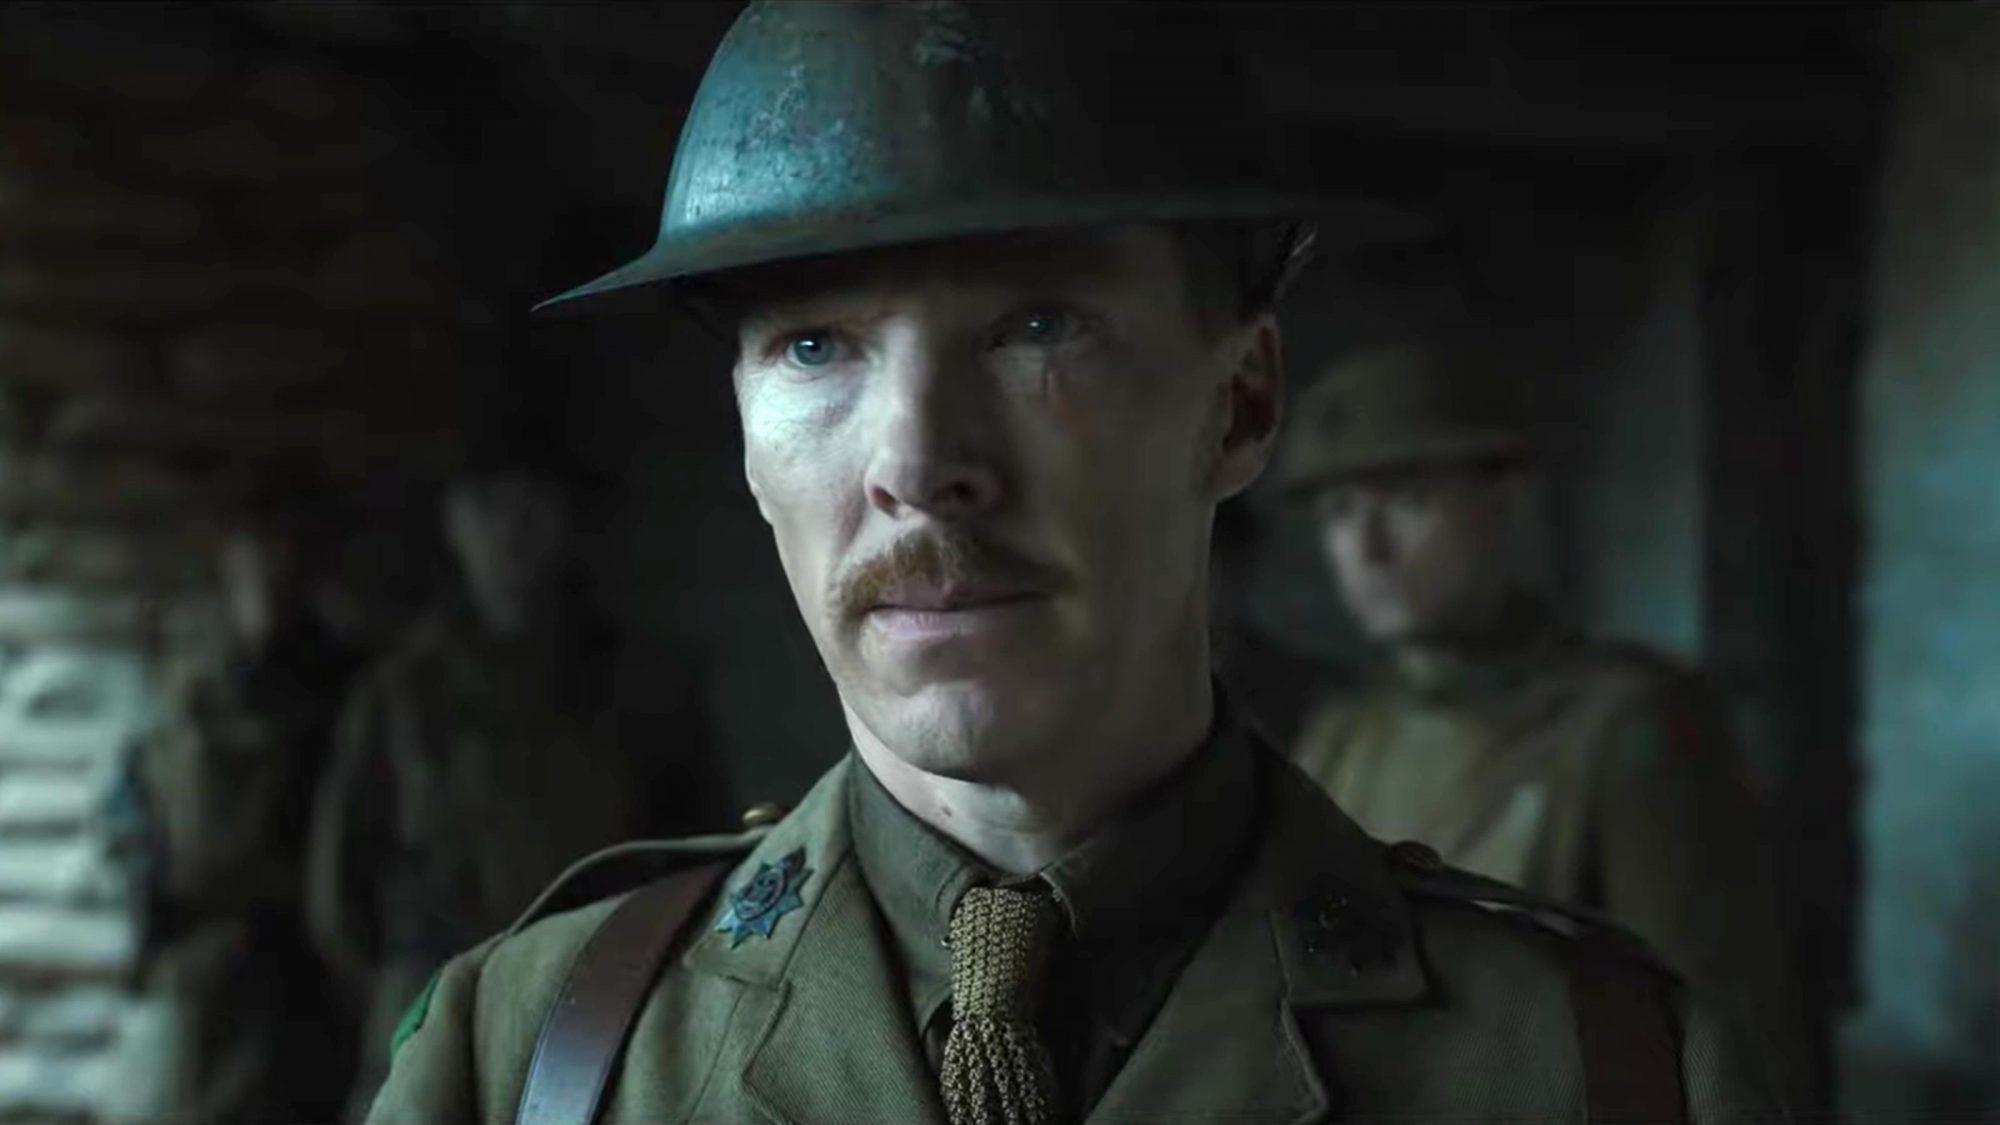 1917 (screen grab)